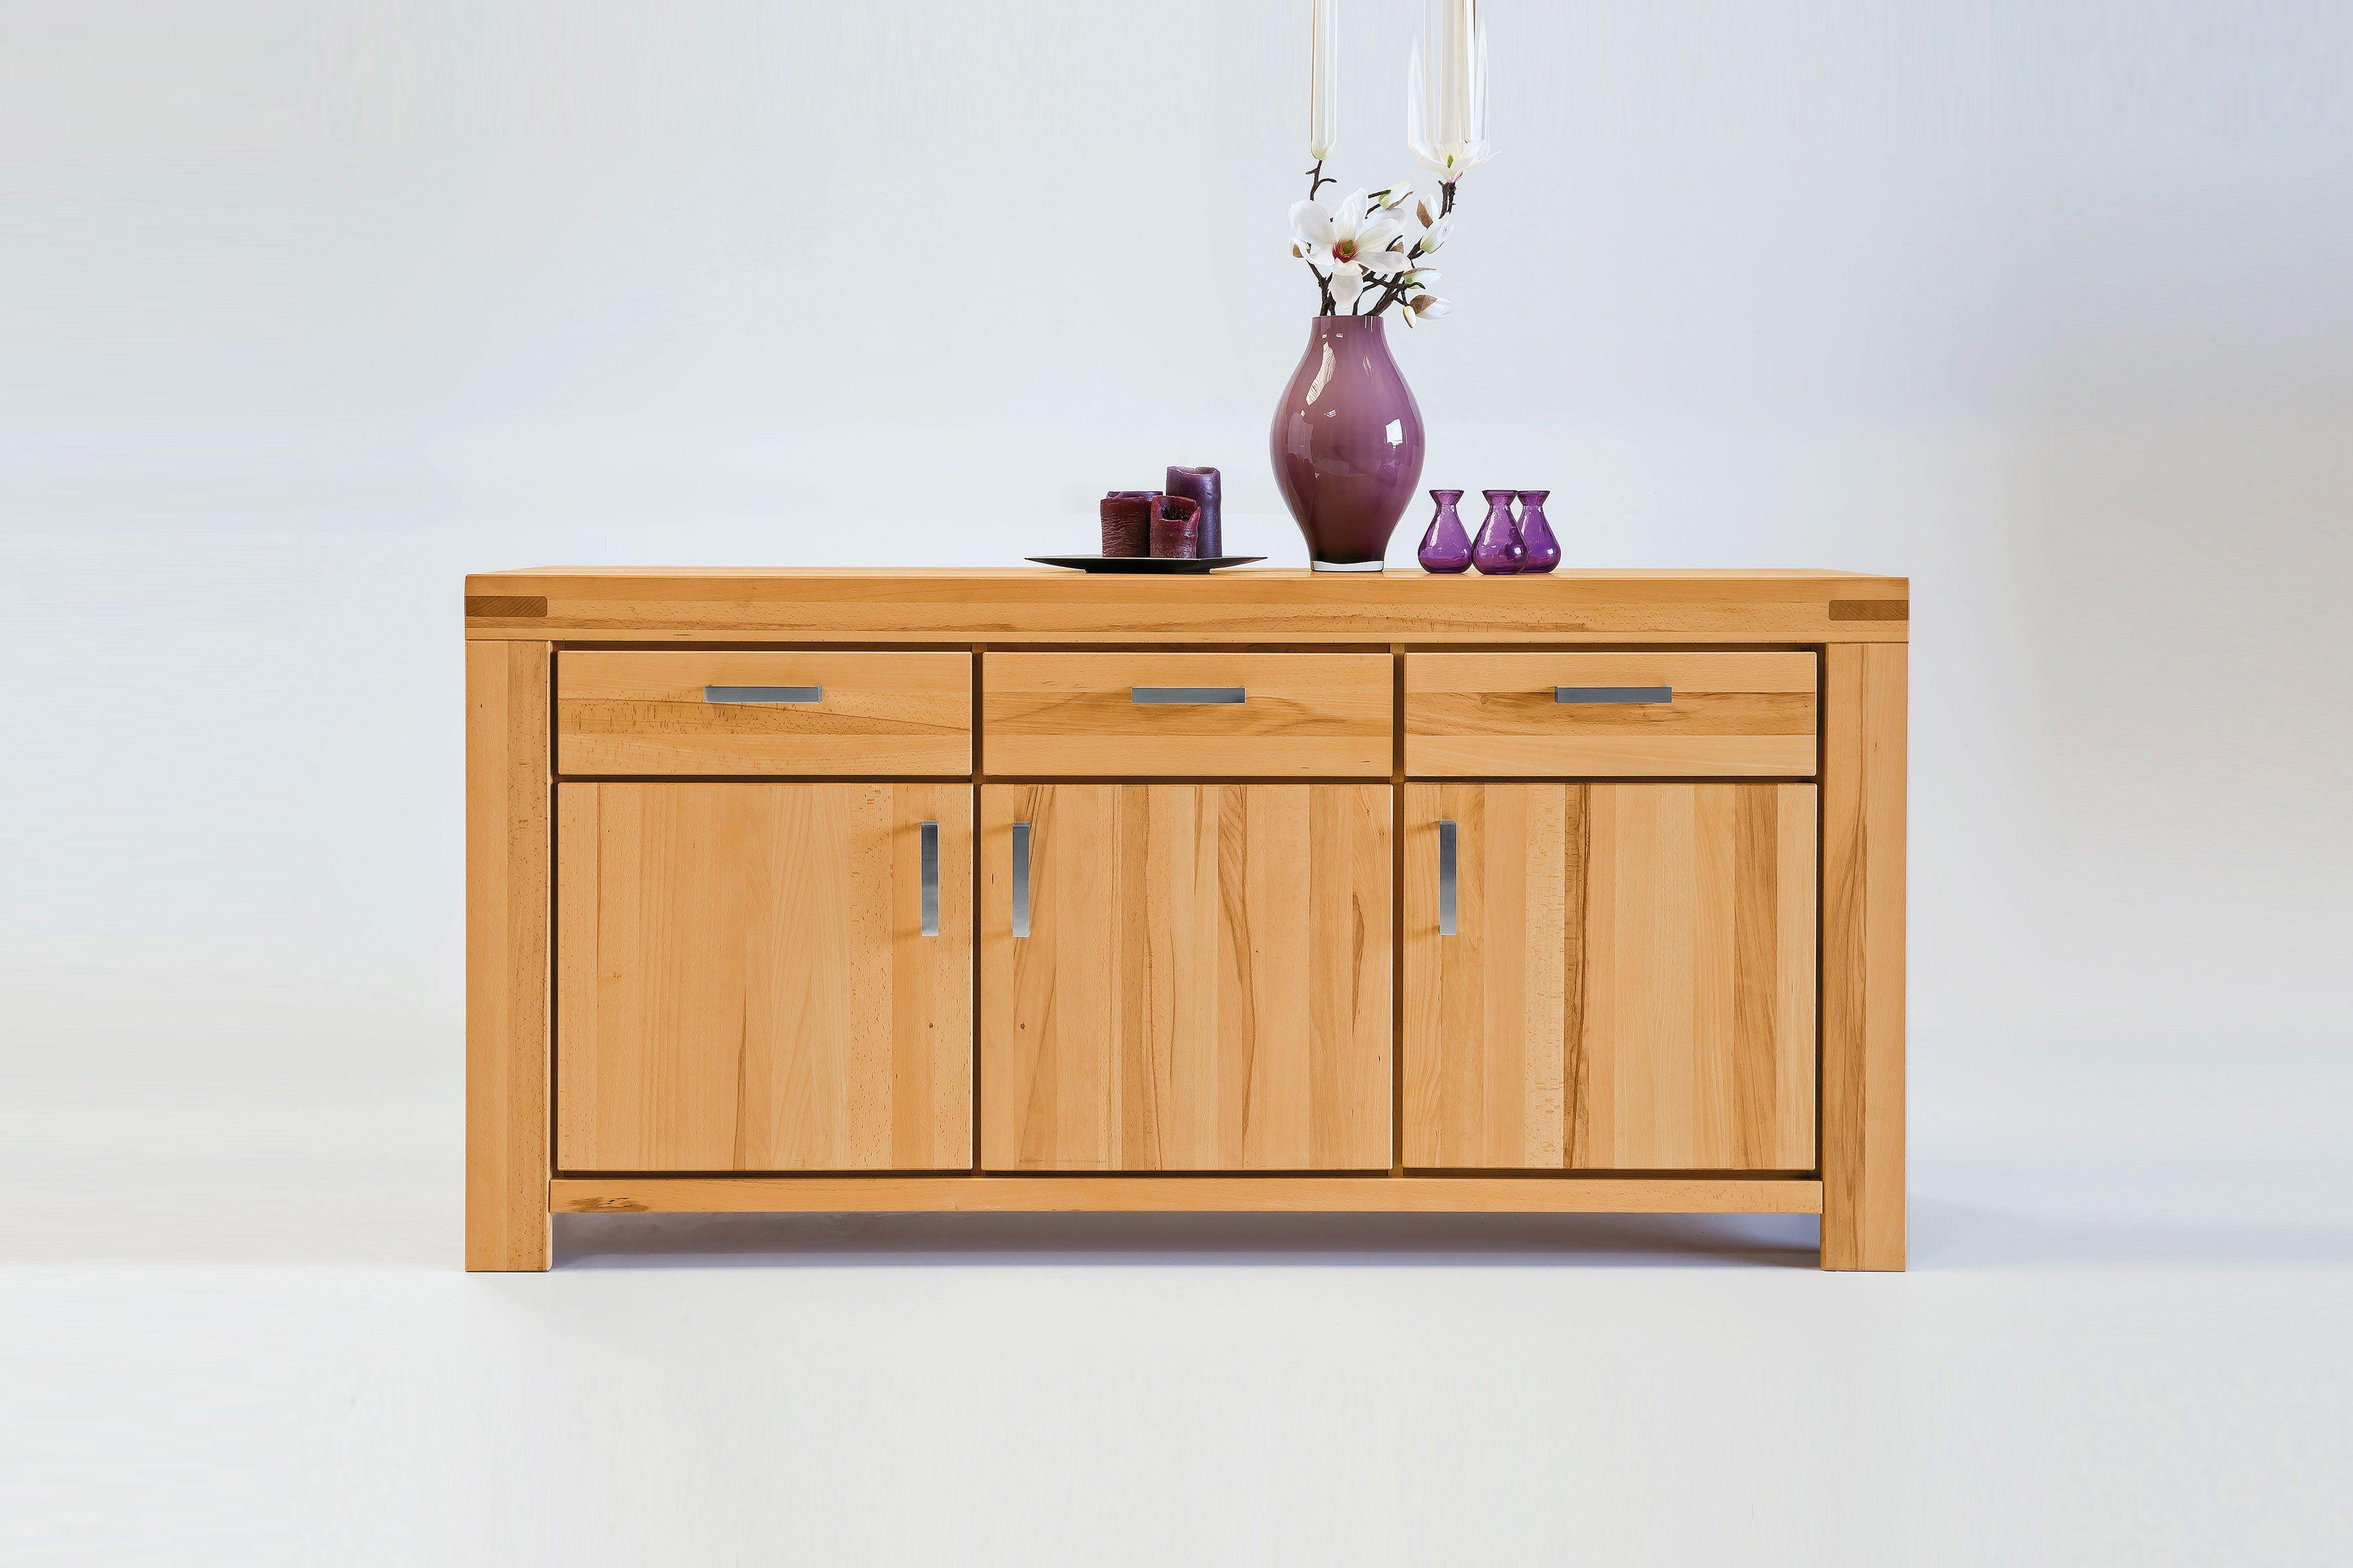 elfo m bel sideboard kira massive kernbuche ge lt. Black Bedroom Furniture Sets. Home Design Ideas